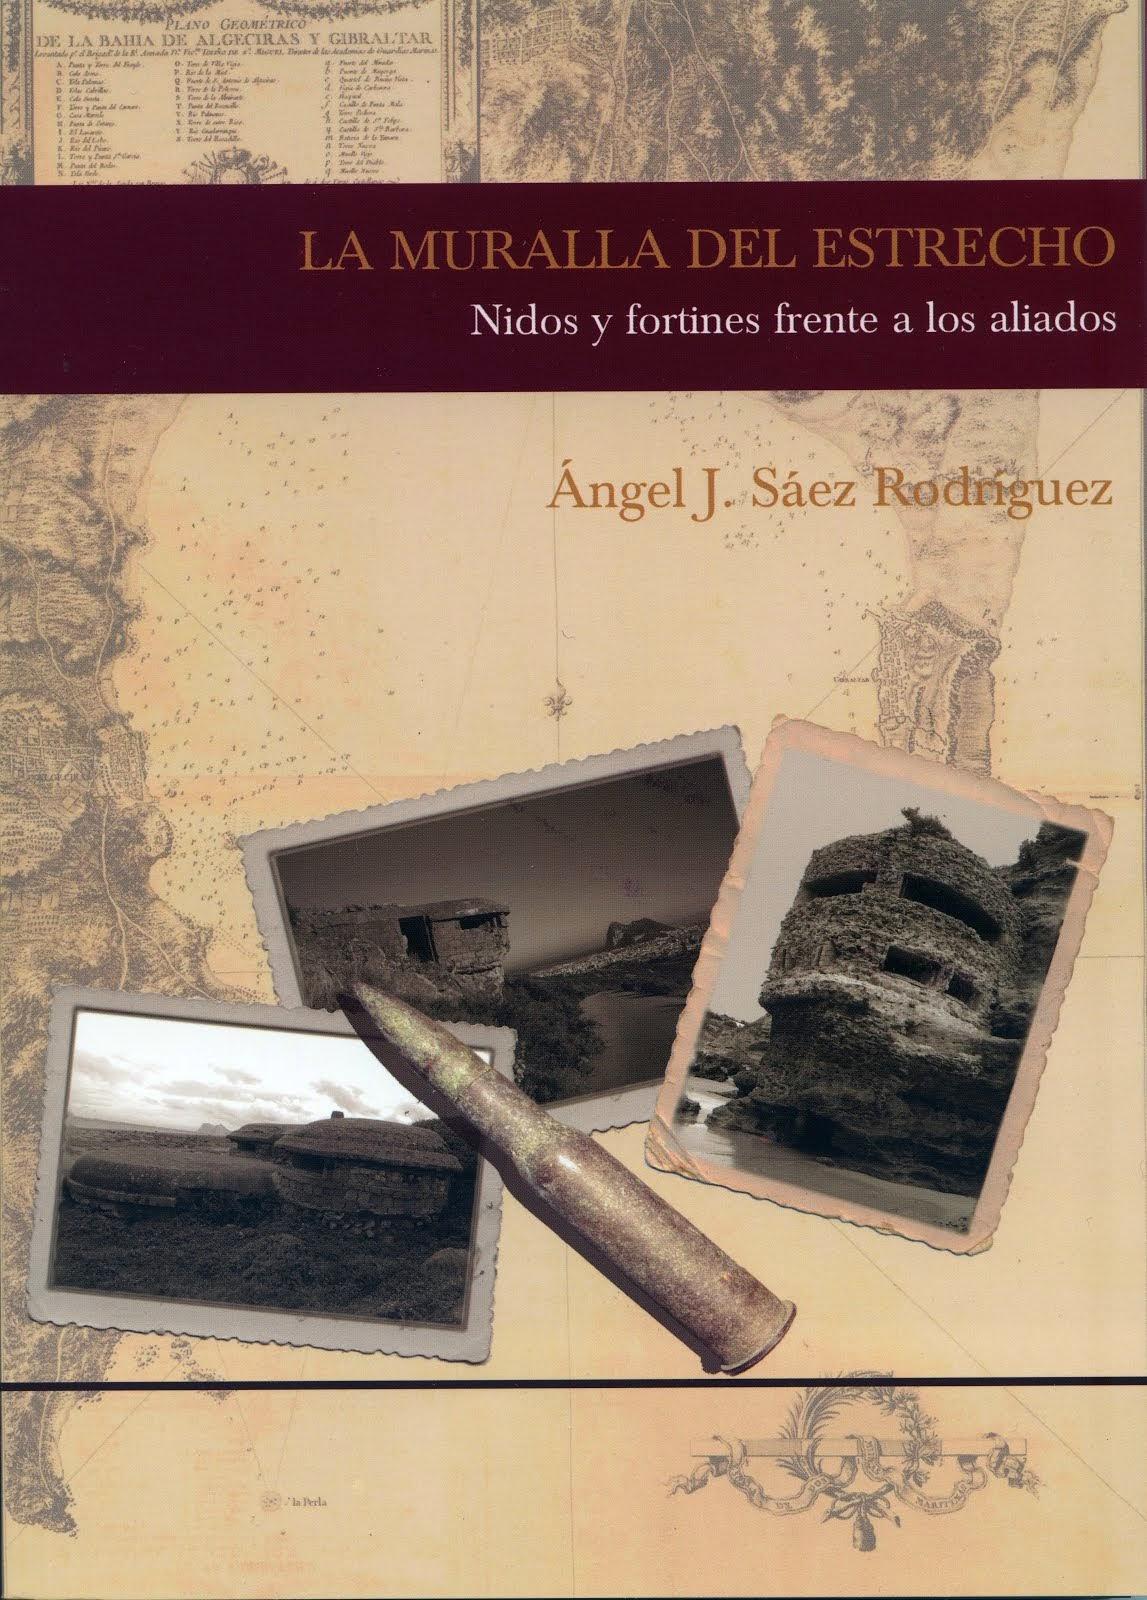 LA MURALLA DEL ESTRECHO - Nidos y fortines frente a los aliados